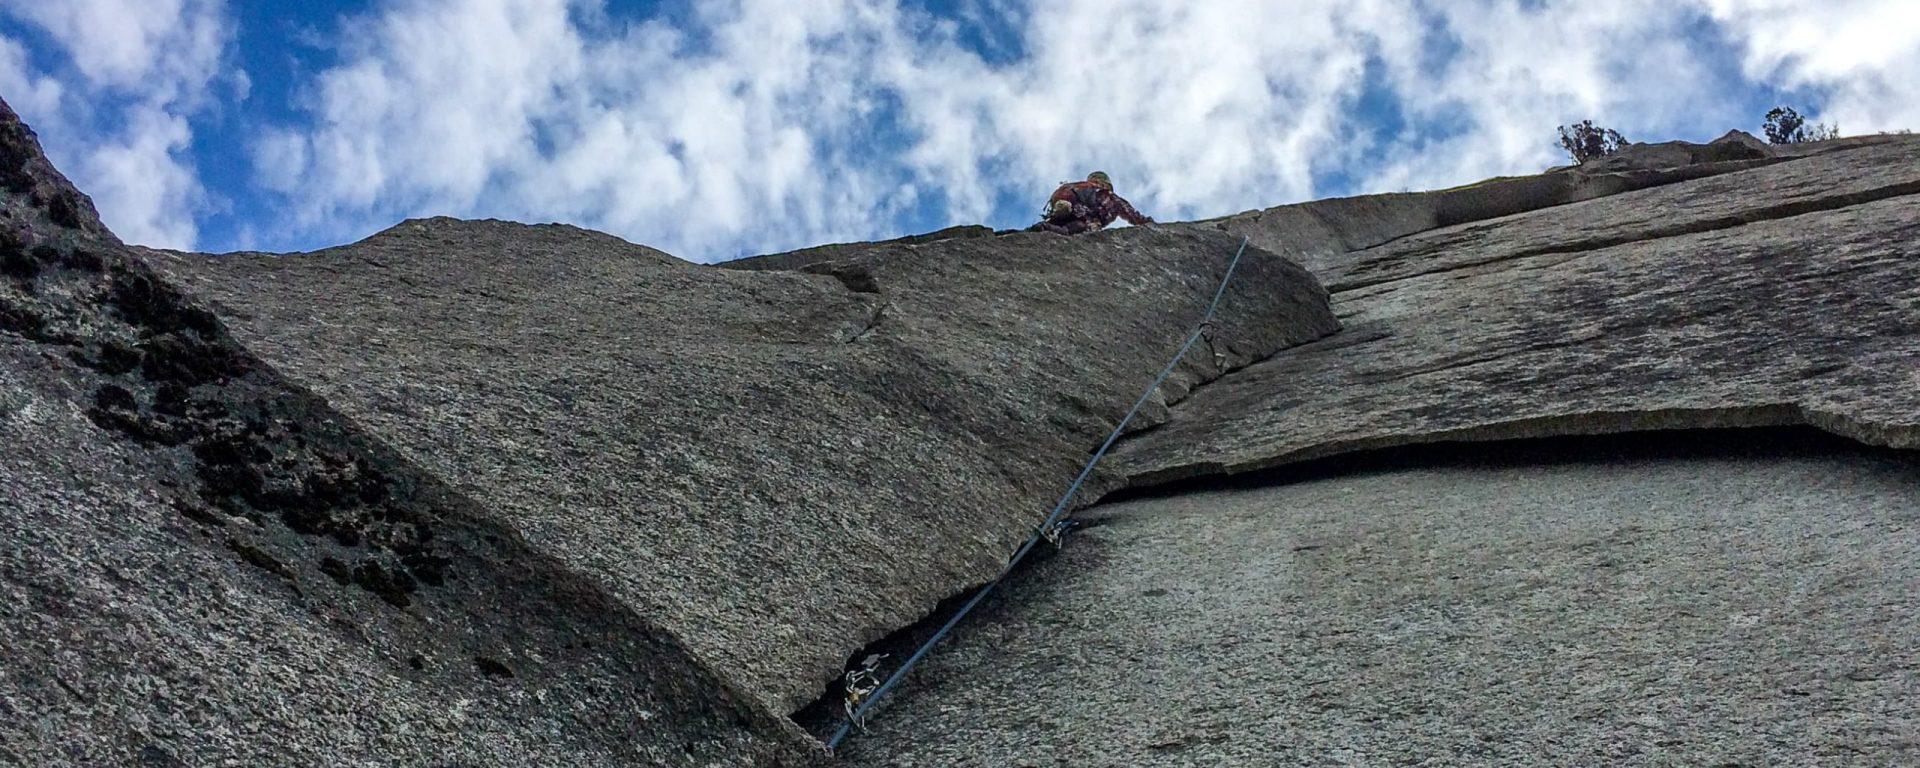 OR Splitter Climbing Gloves